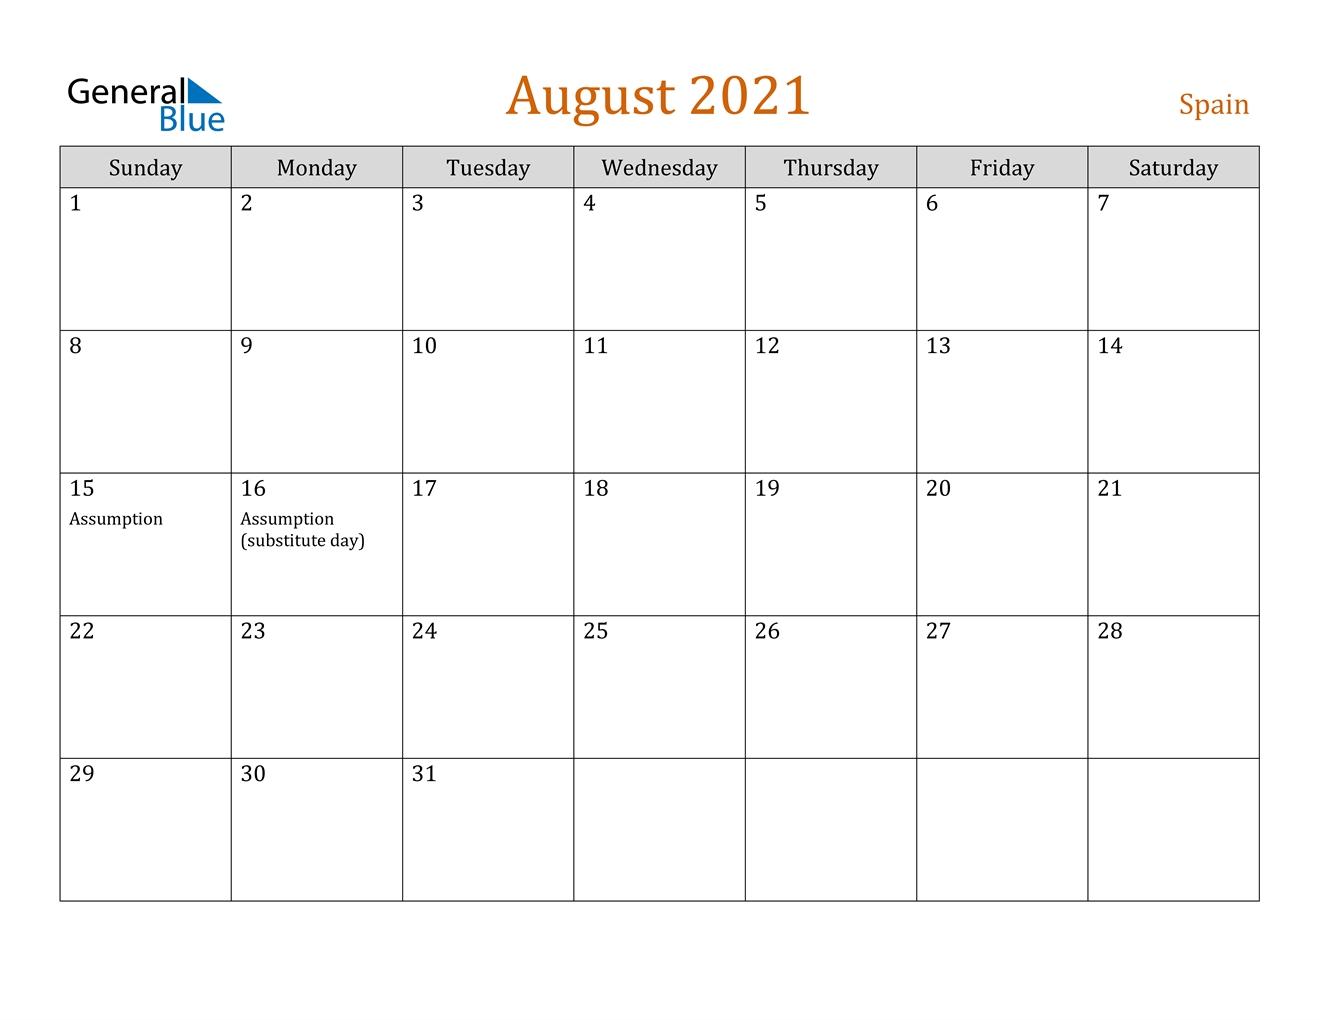 August 2021 Calendar - Spain